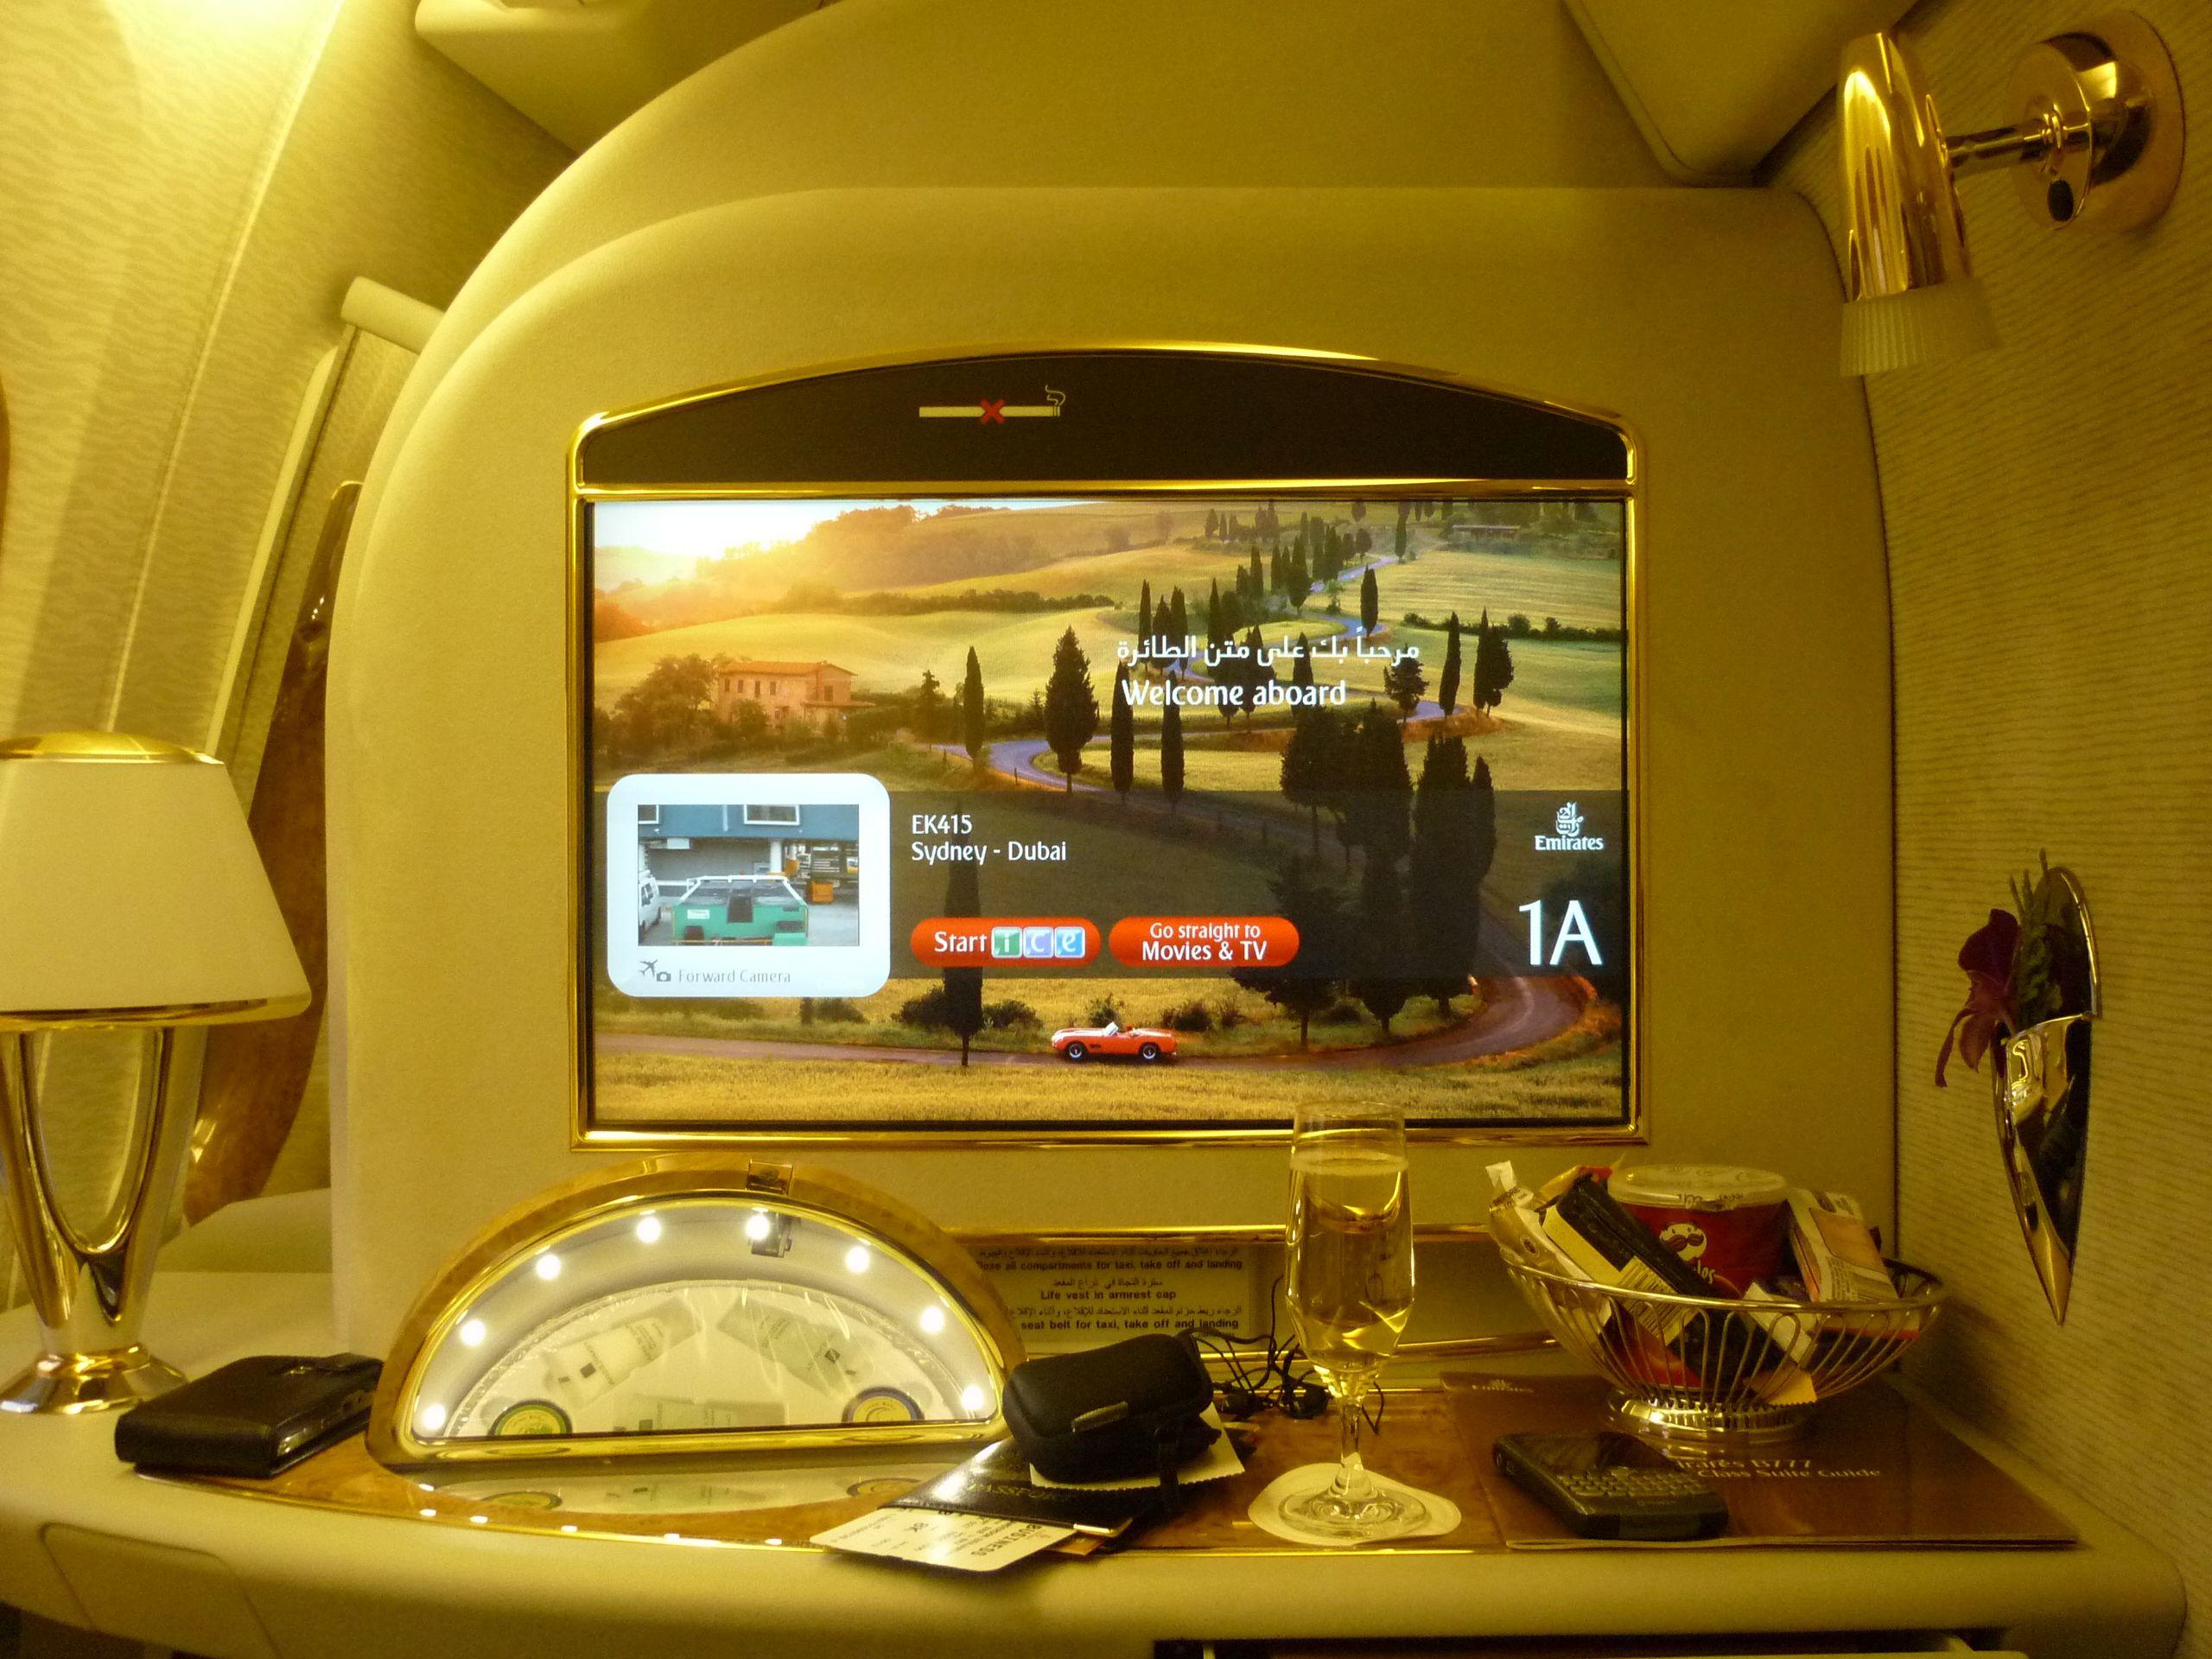 My favourite flight ever! Sydney - Dubai 1st class of course! #Emirates